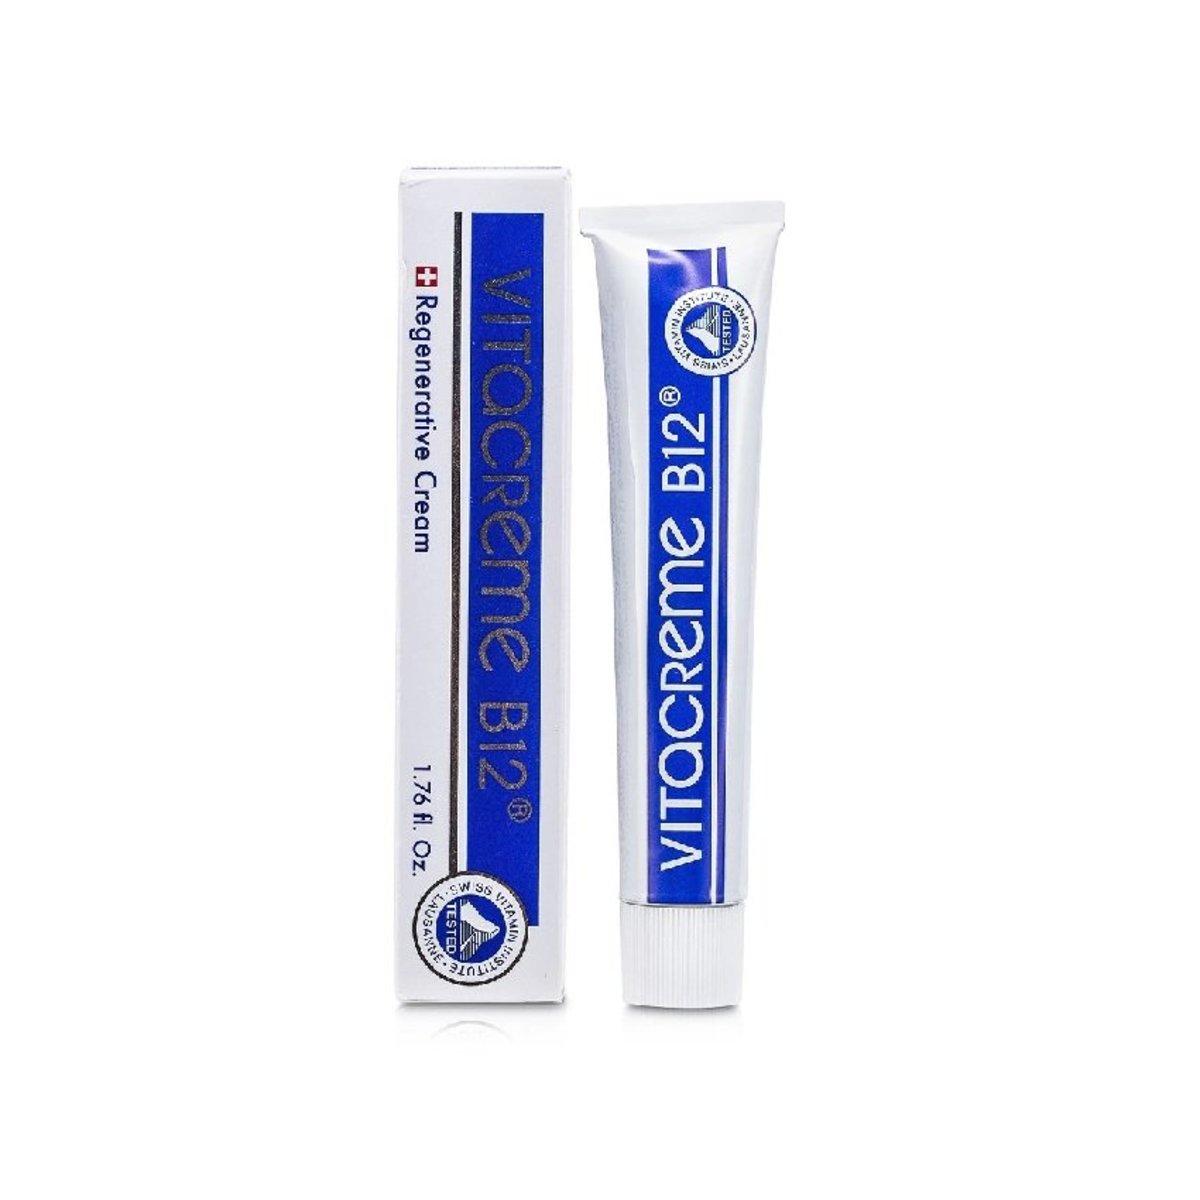 Vitacreme B12 Regenerative Cream - [Parallel Import Product]